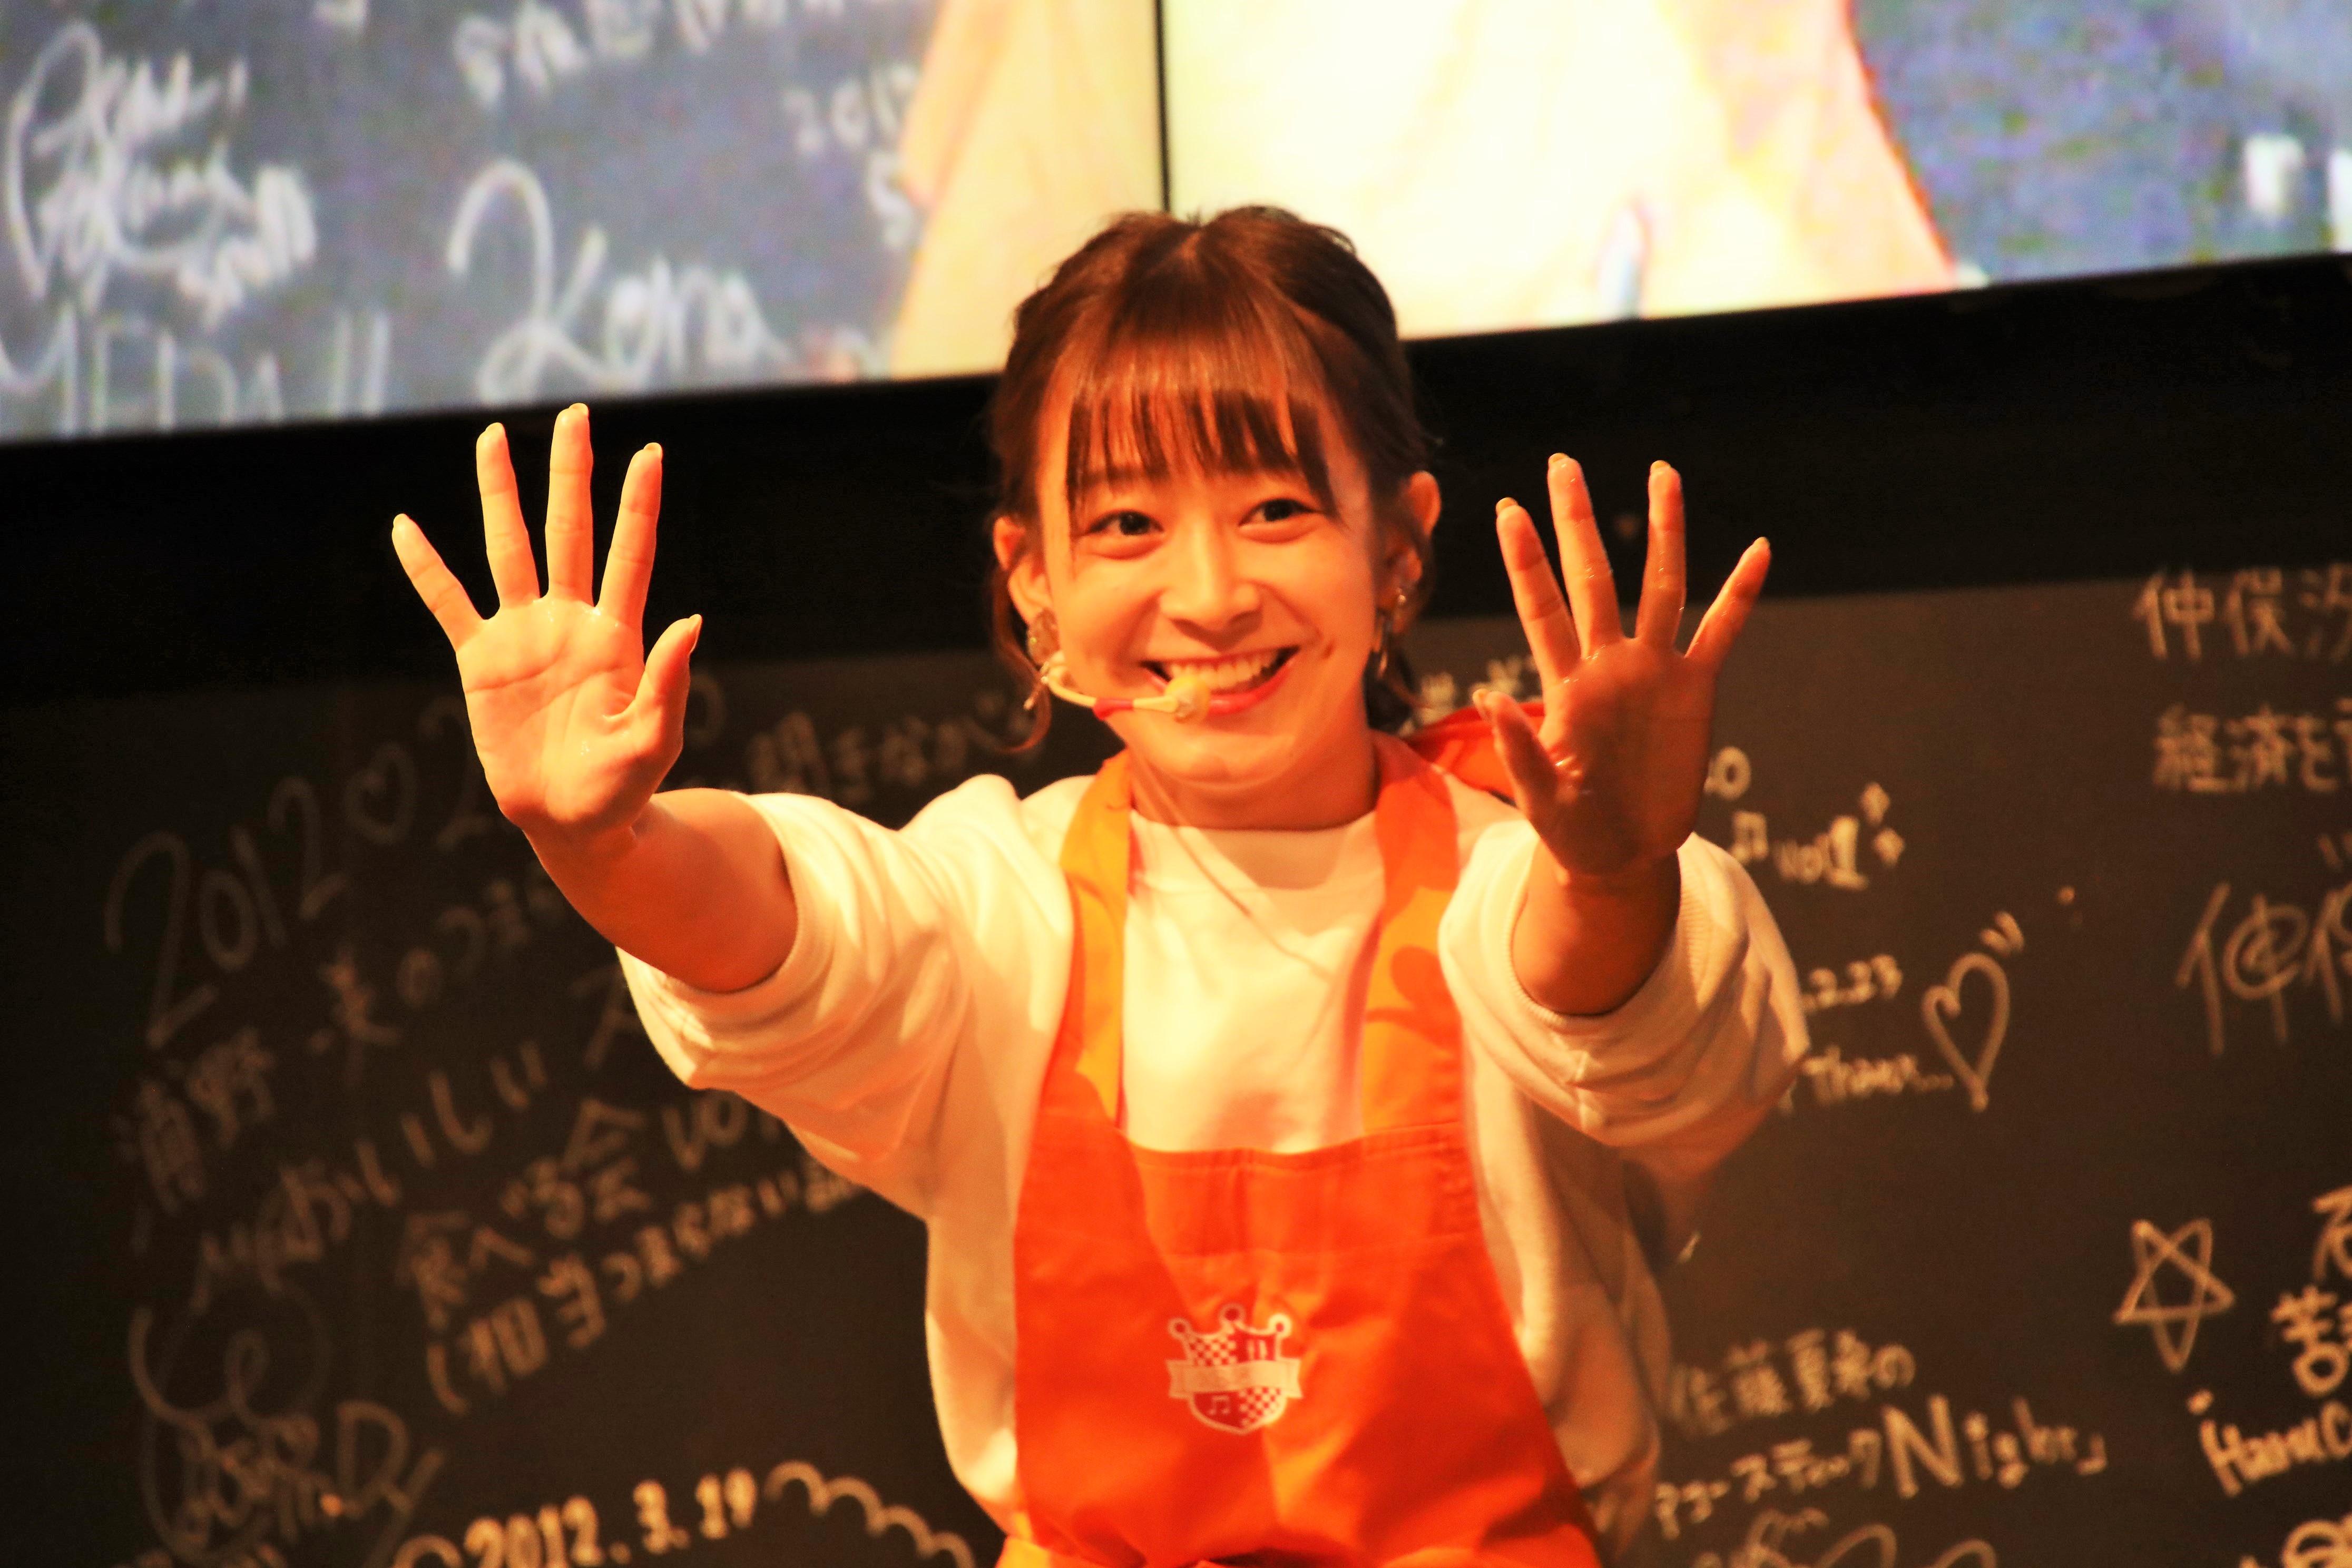 餃子作りを披露する前の太田奈緒